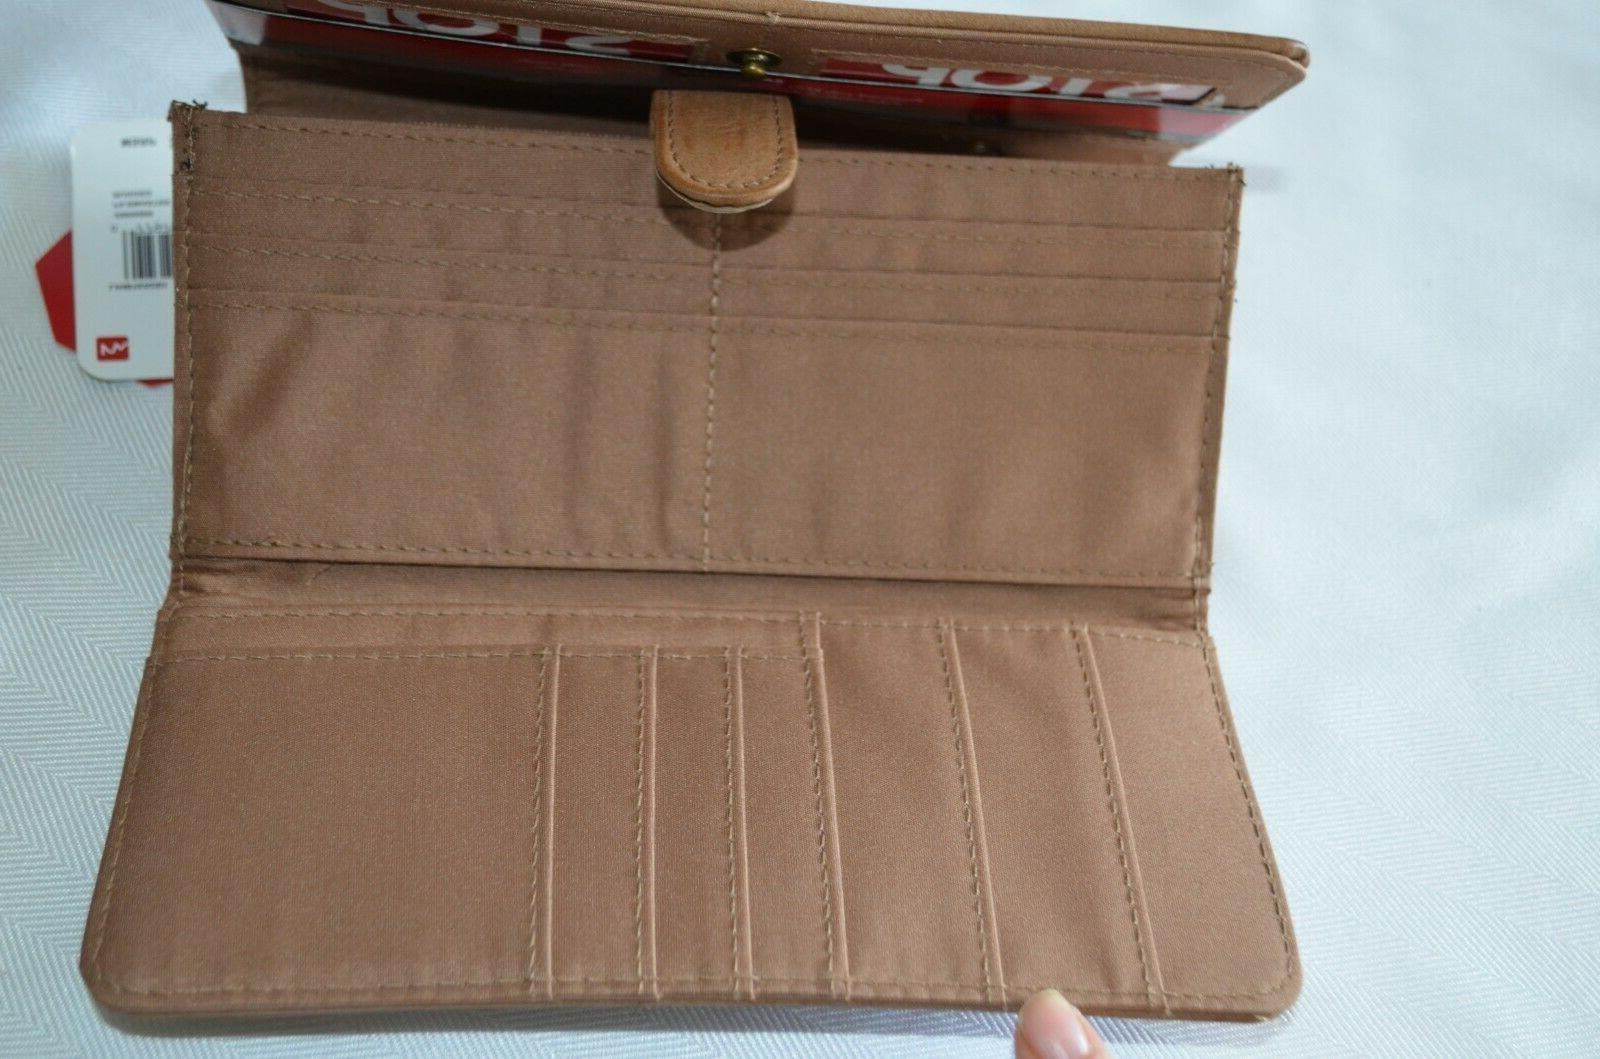 Mundi Safekeeper Wallet Clutch Brown Travel Organizer